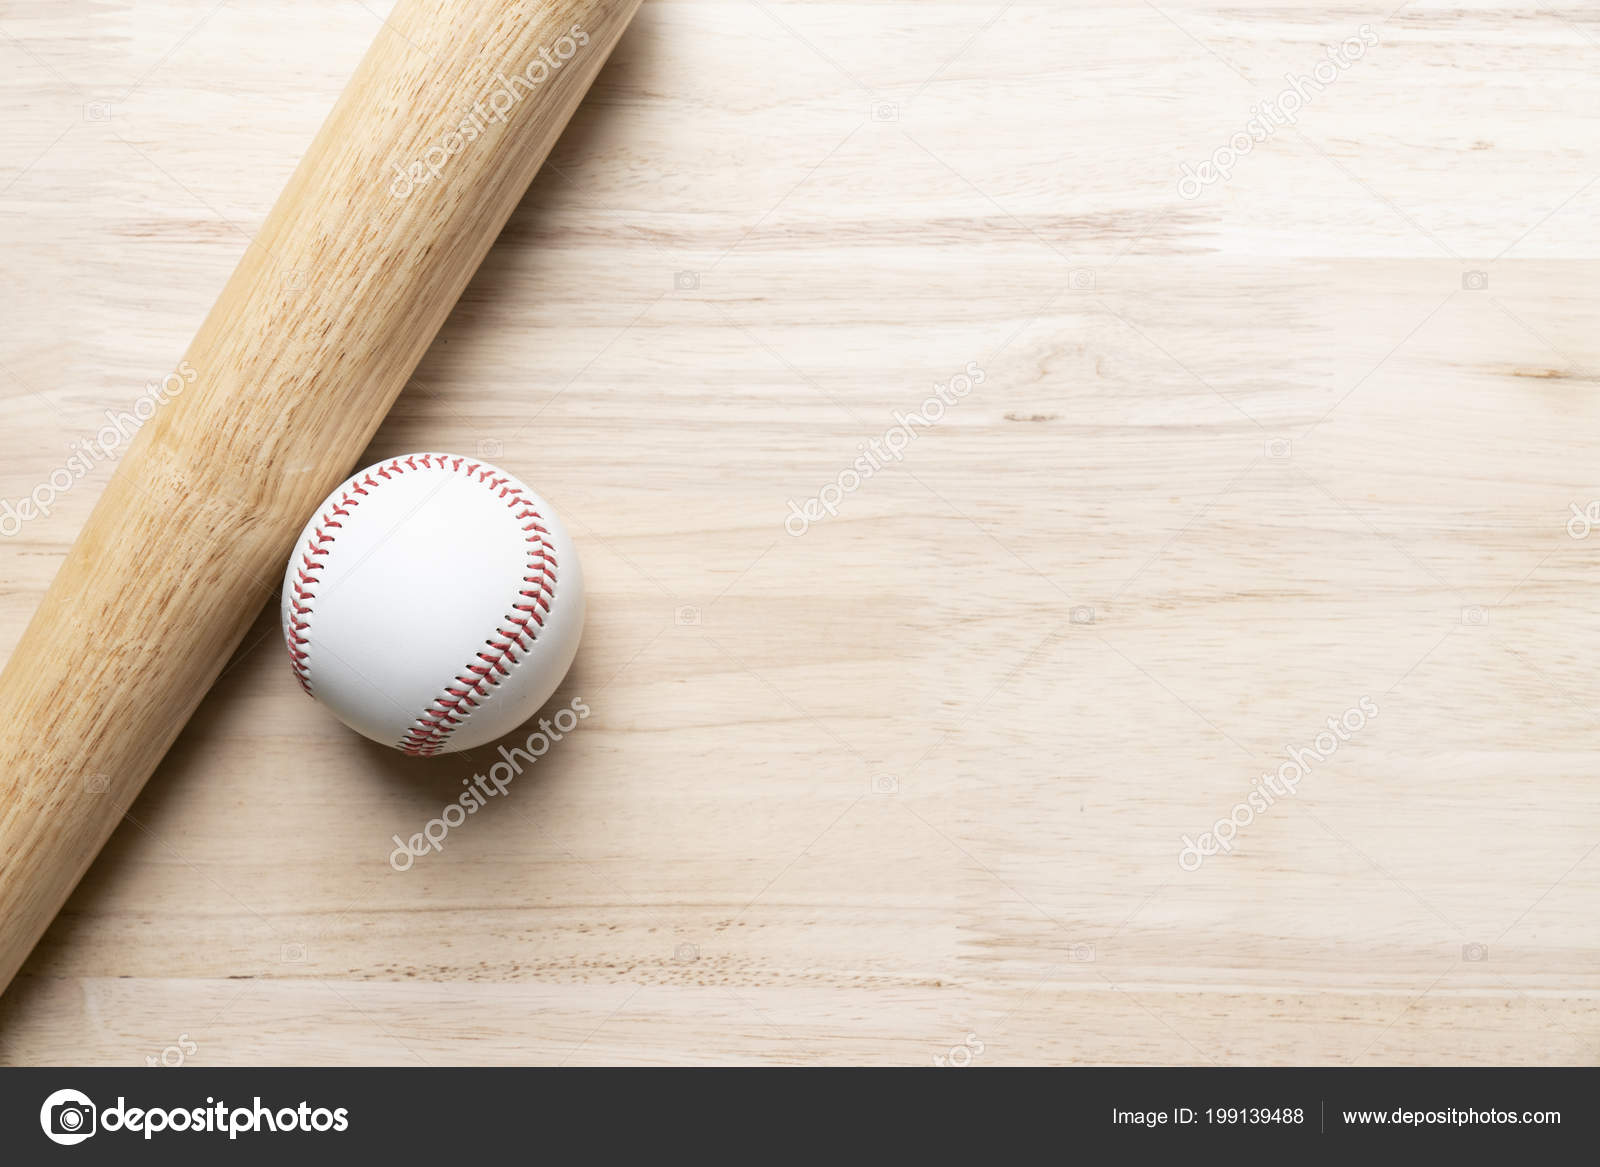 Baseball Kij Baseballowy Tle Drewniany Stol Zblizenie Zdjecie